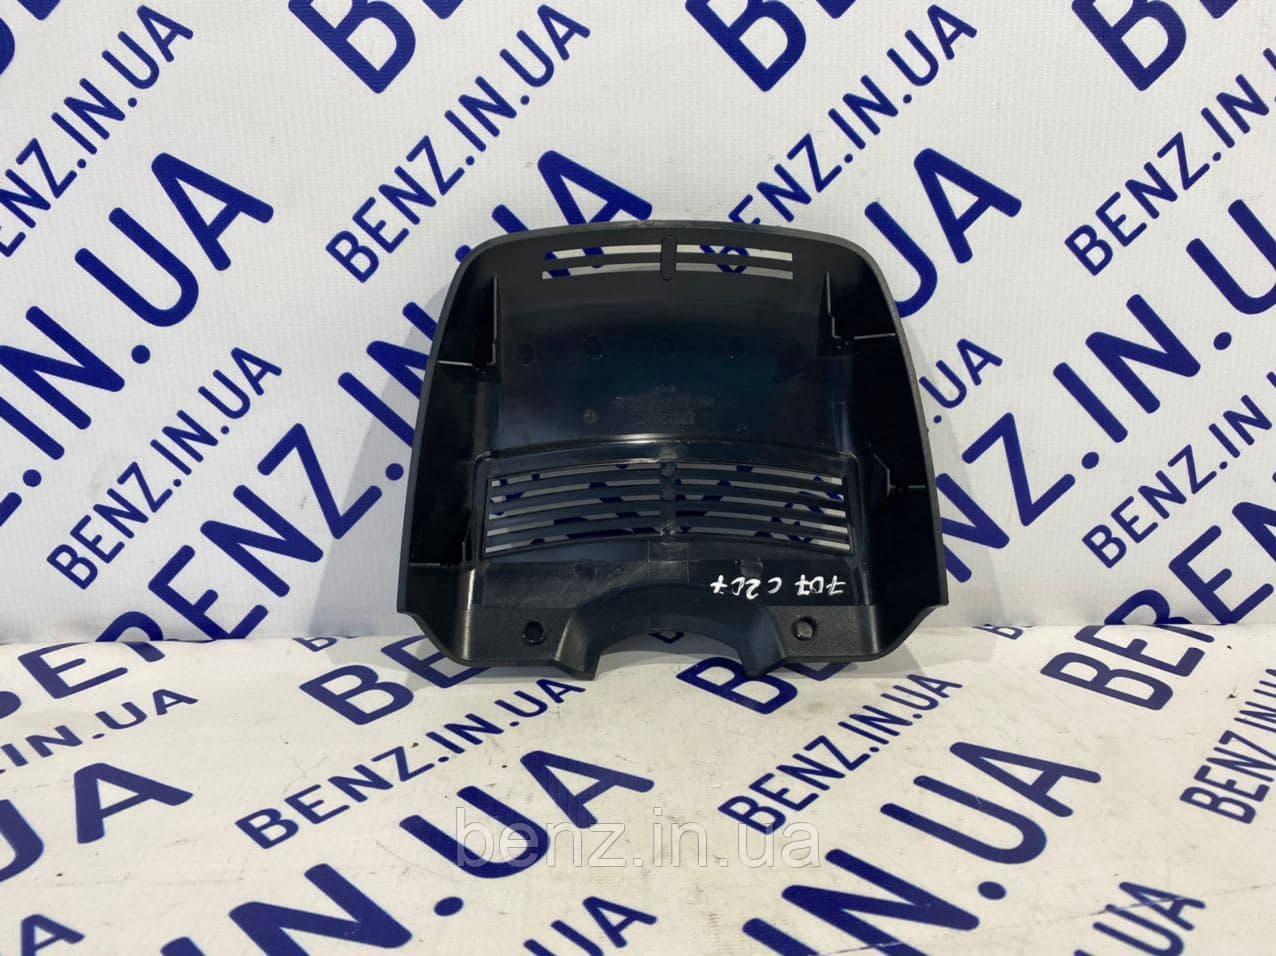 Накладка внутренняя на лобовое стекло под датчик дождя Мерседес C207/A207/W207 A2078210536